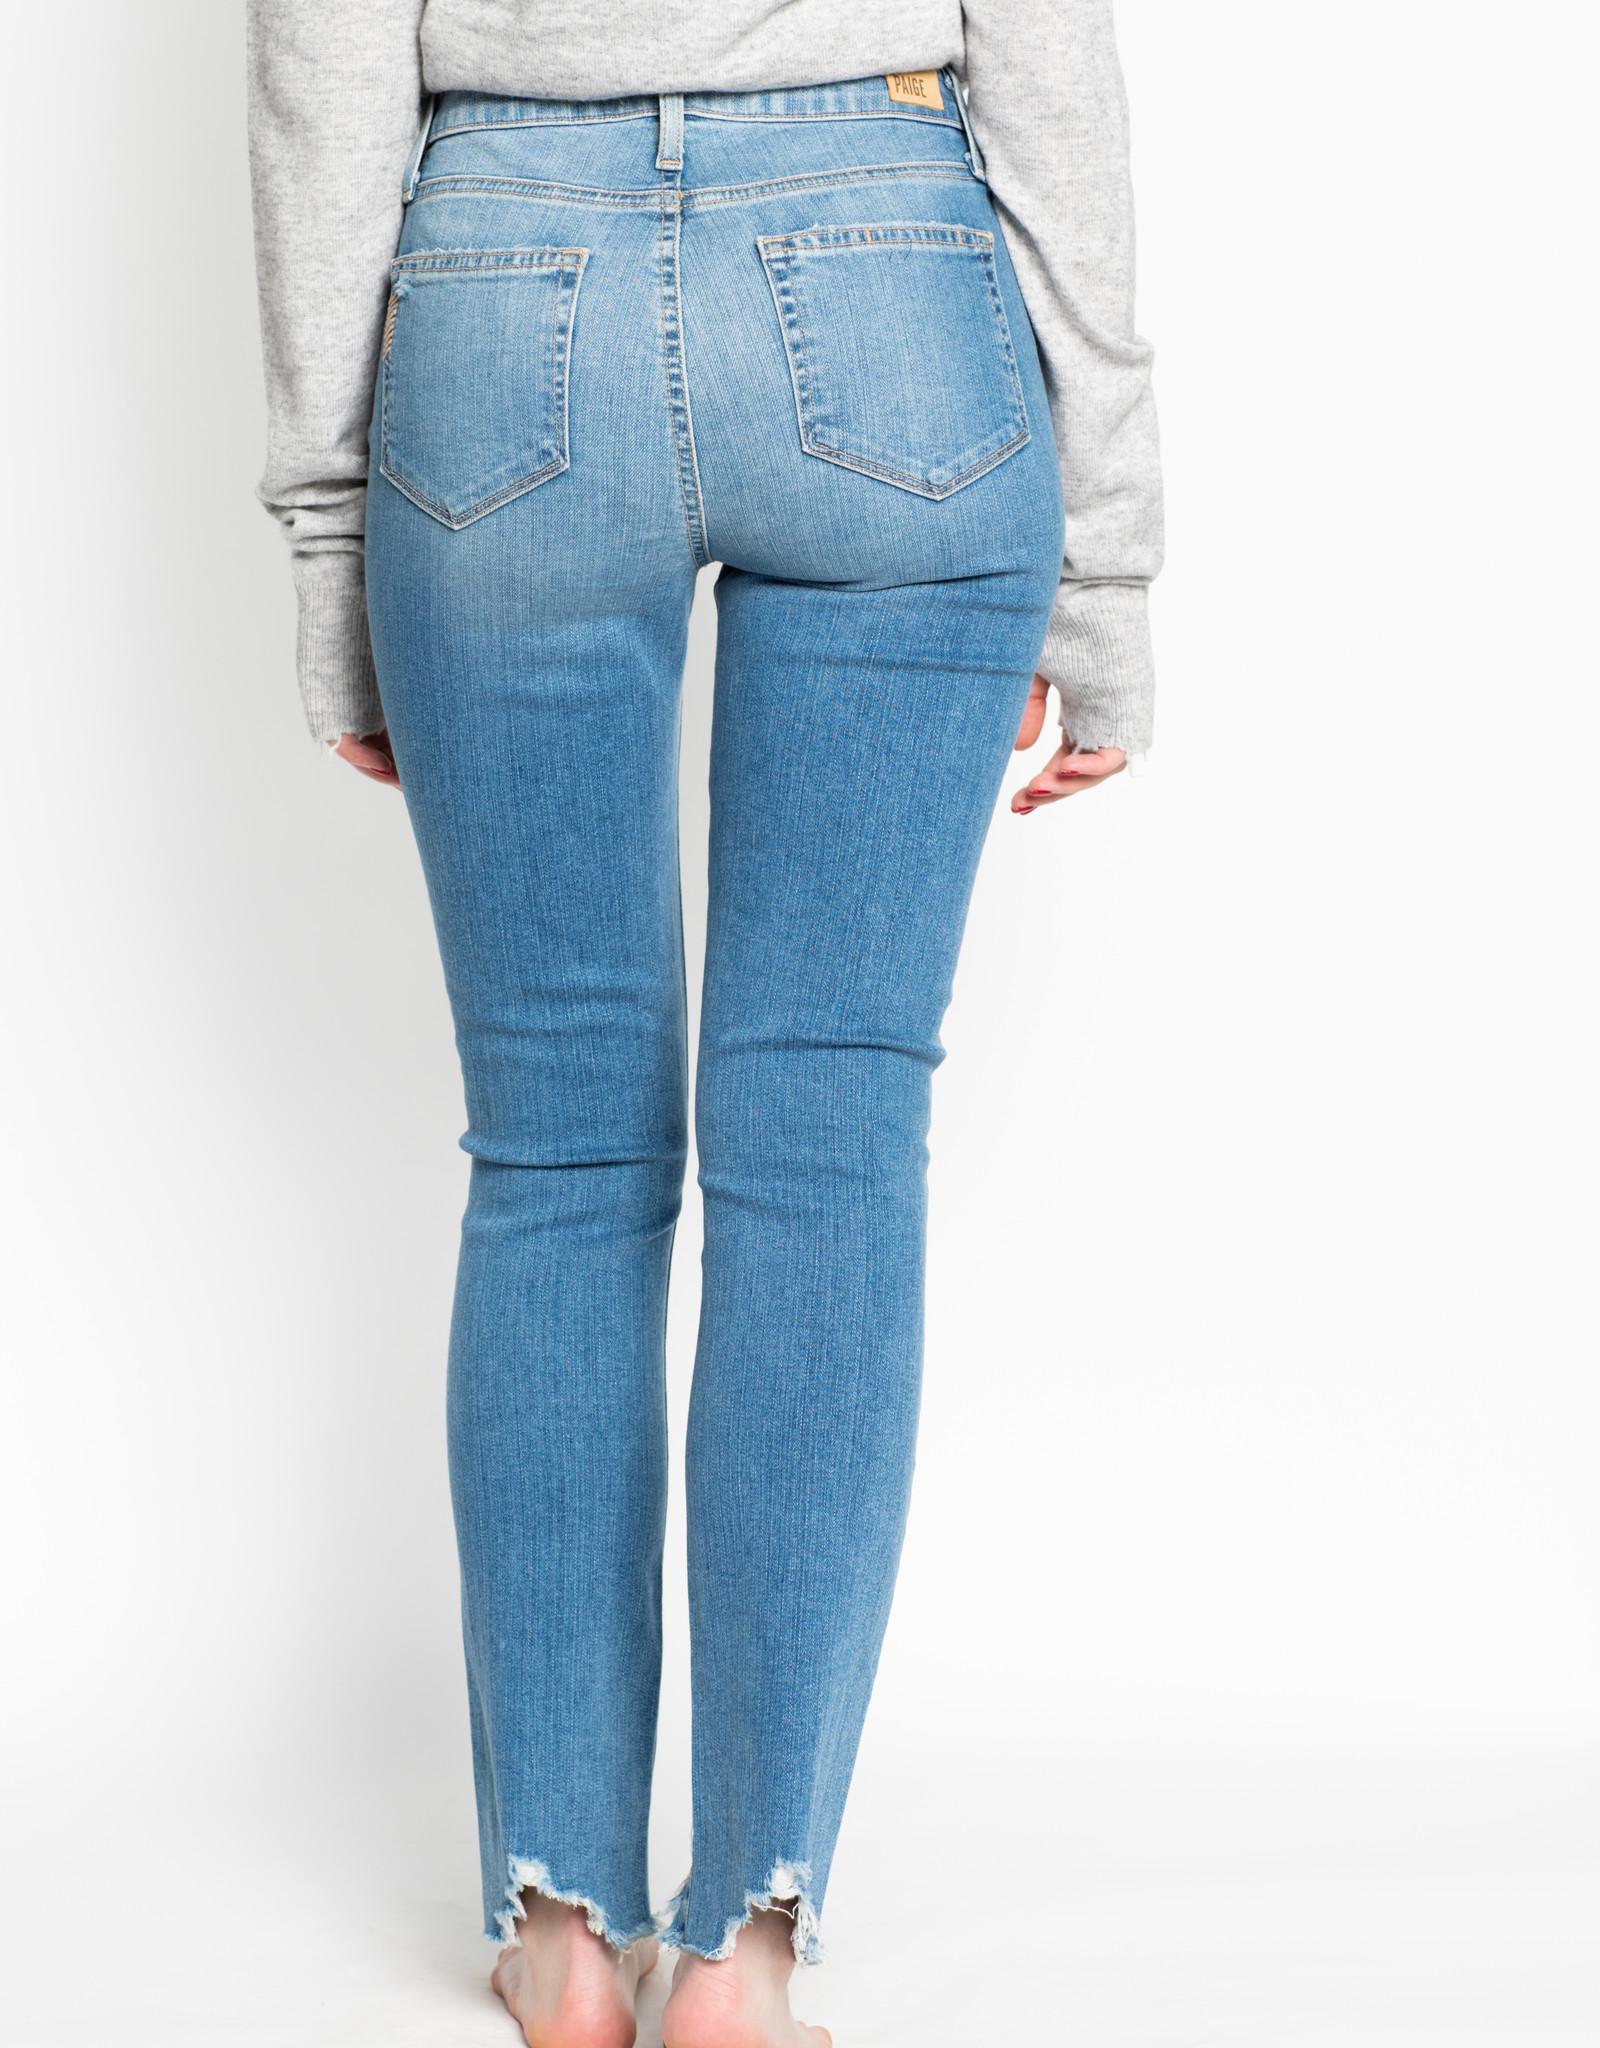 Paige Denim Janis Destructive Hoxton Ankle Peg Jeans